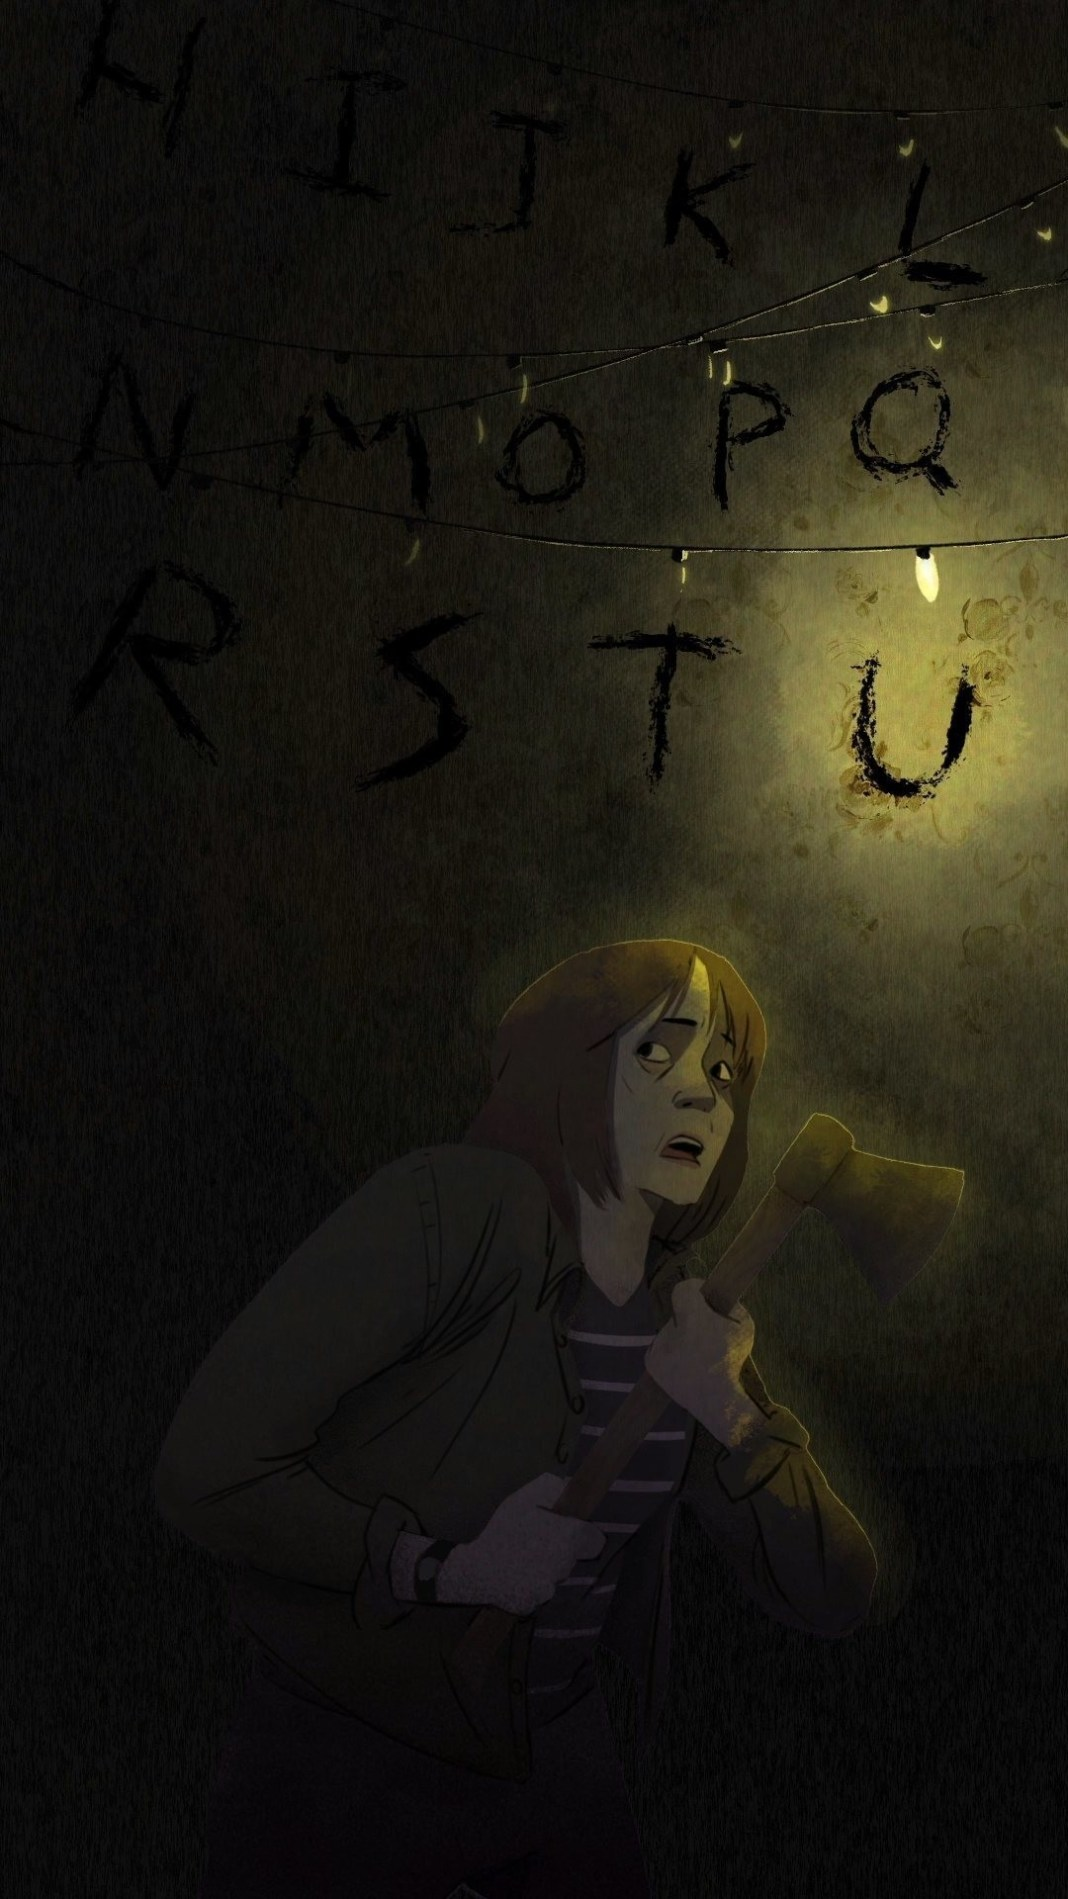 joyce-of-stranger-things-wallpaper-background